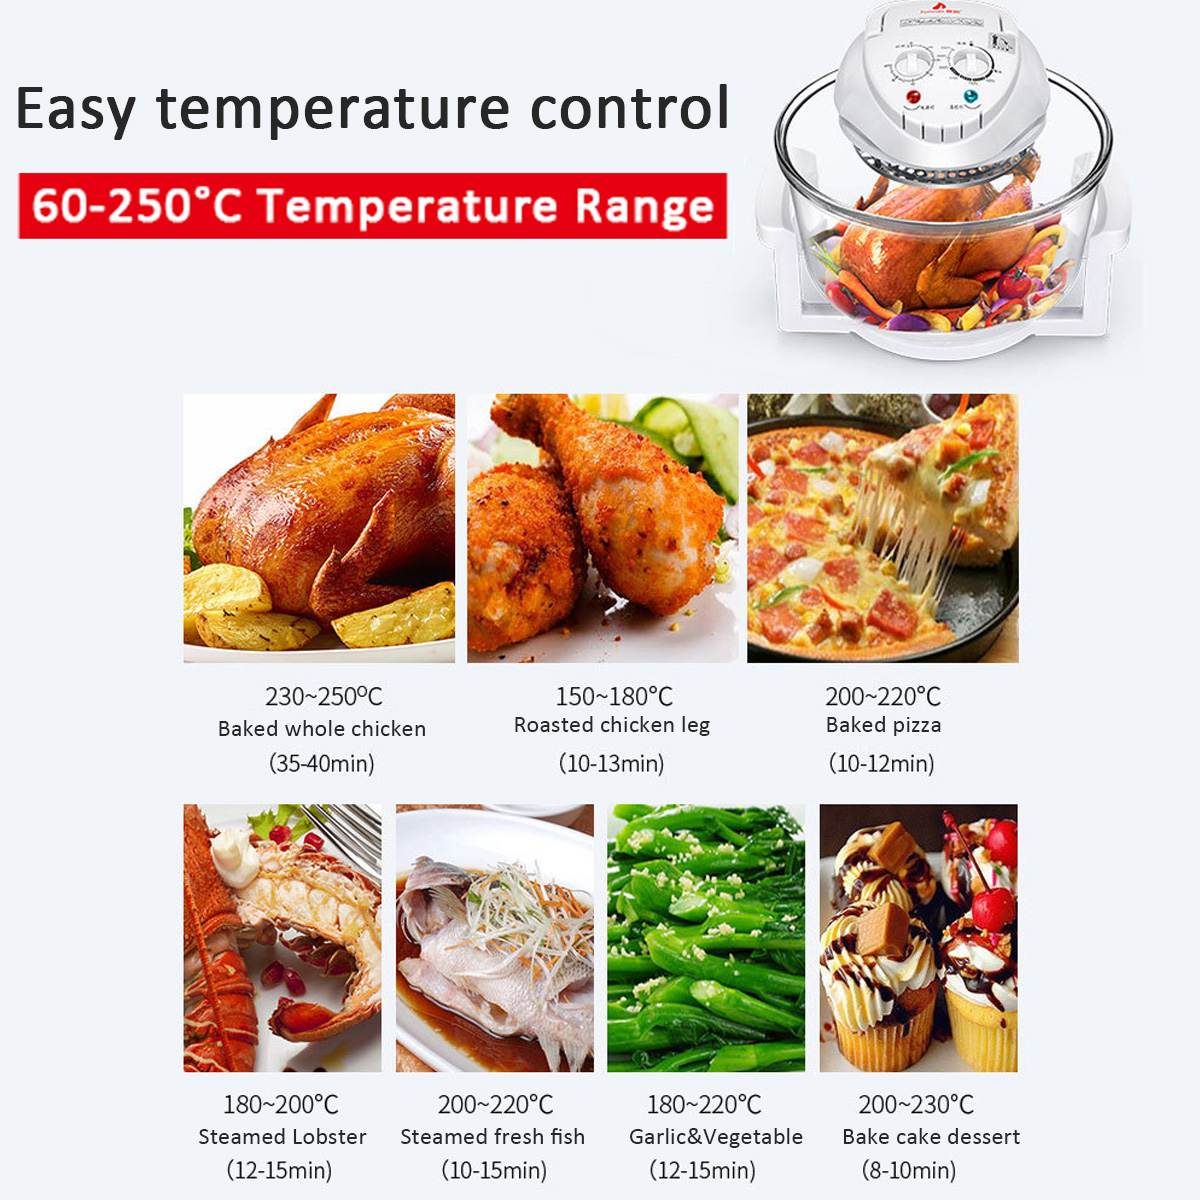 1300W 12L 110 V 240 V Horno infrarrojo convencional freidora de aire Turbo Cocina eléctrica multifunción barbacoa hornear cocinar con receta - 5